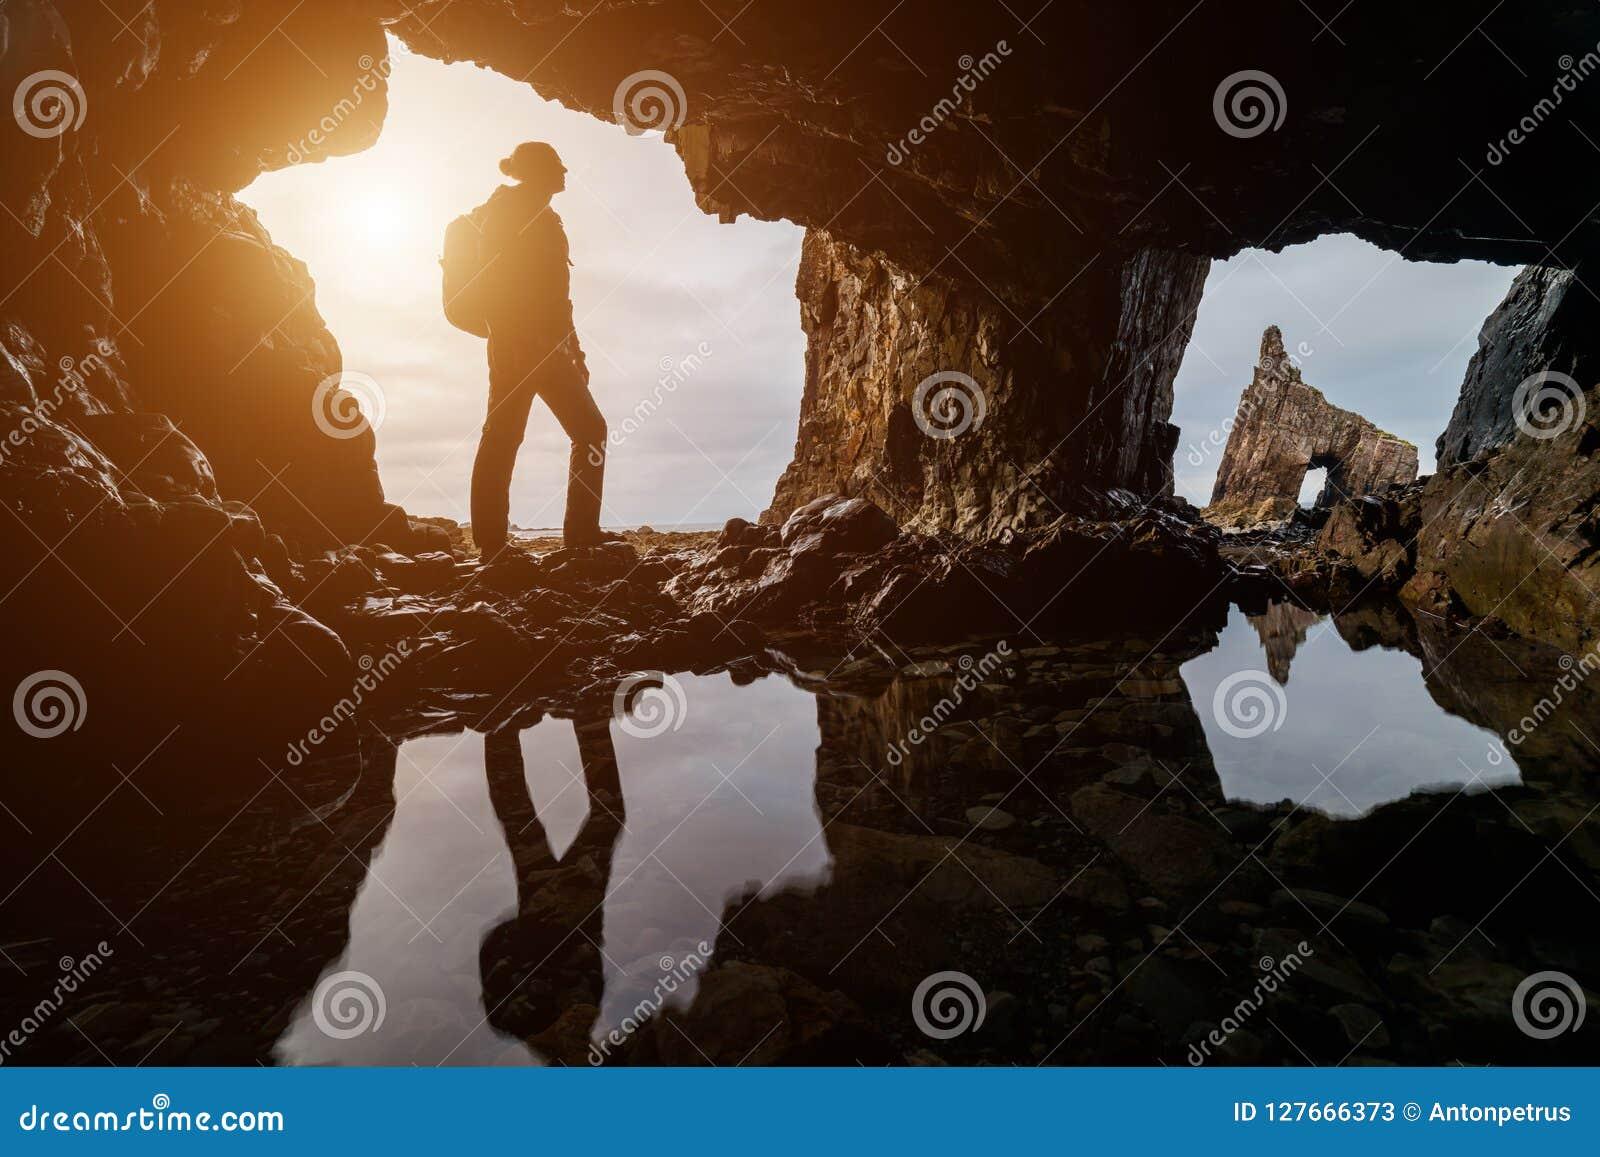 Utforskare i en grotta på solnedgången i den Portizuelo stranden, Asturias kust, norr Spanien